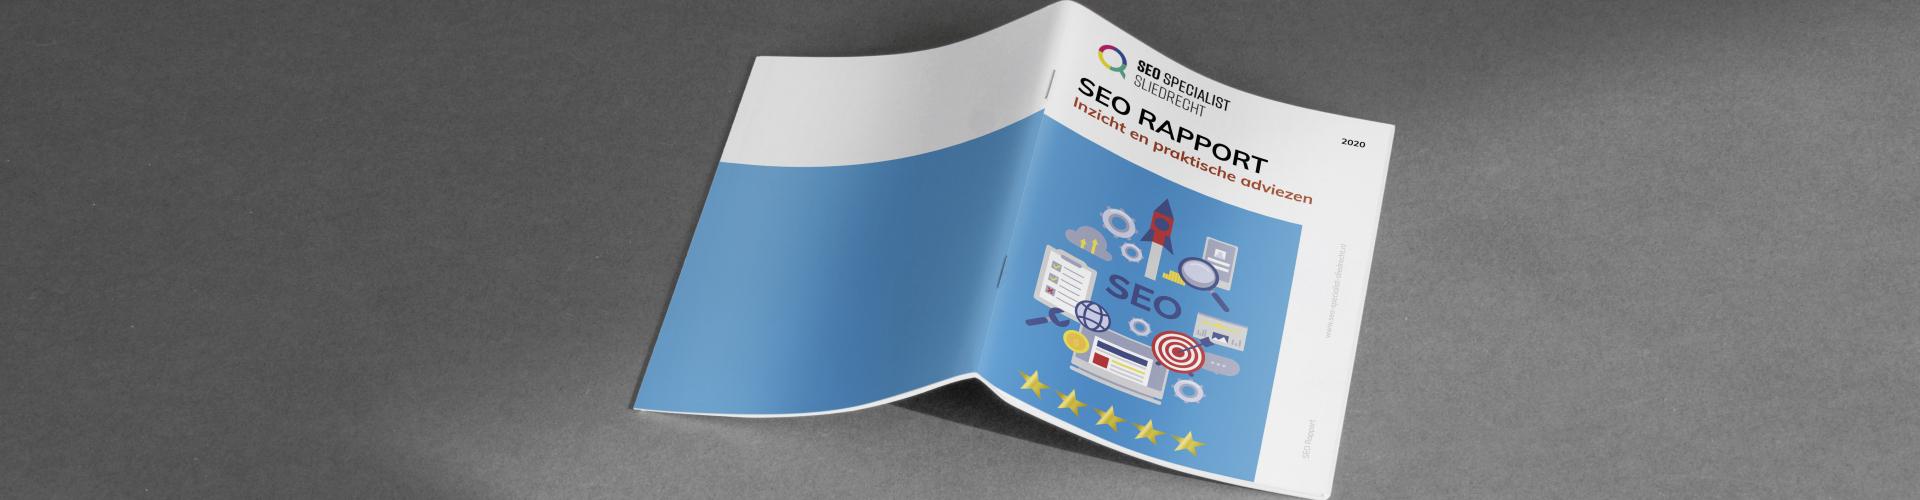 SEO onderzoek website - SEO onderzoek nodig? - SEO Specialist Sliedrecht